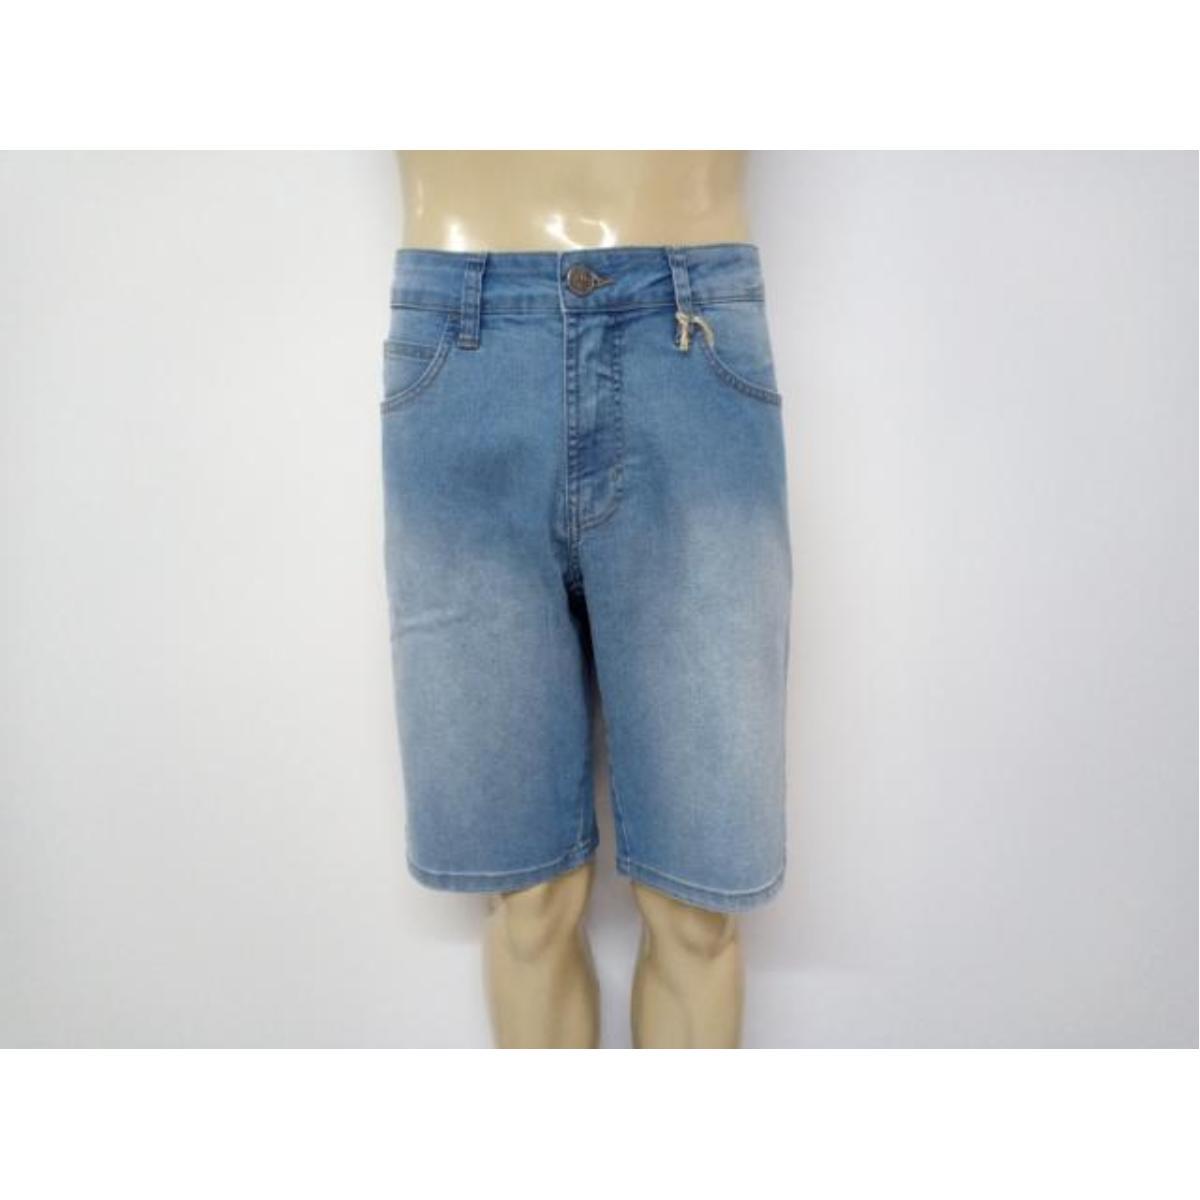 Bermuda Masculina Colcci 30102357 600 Jeans